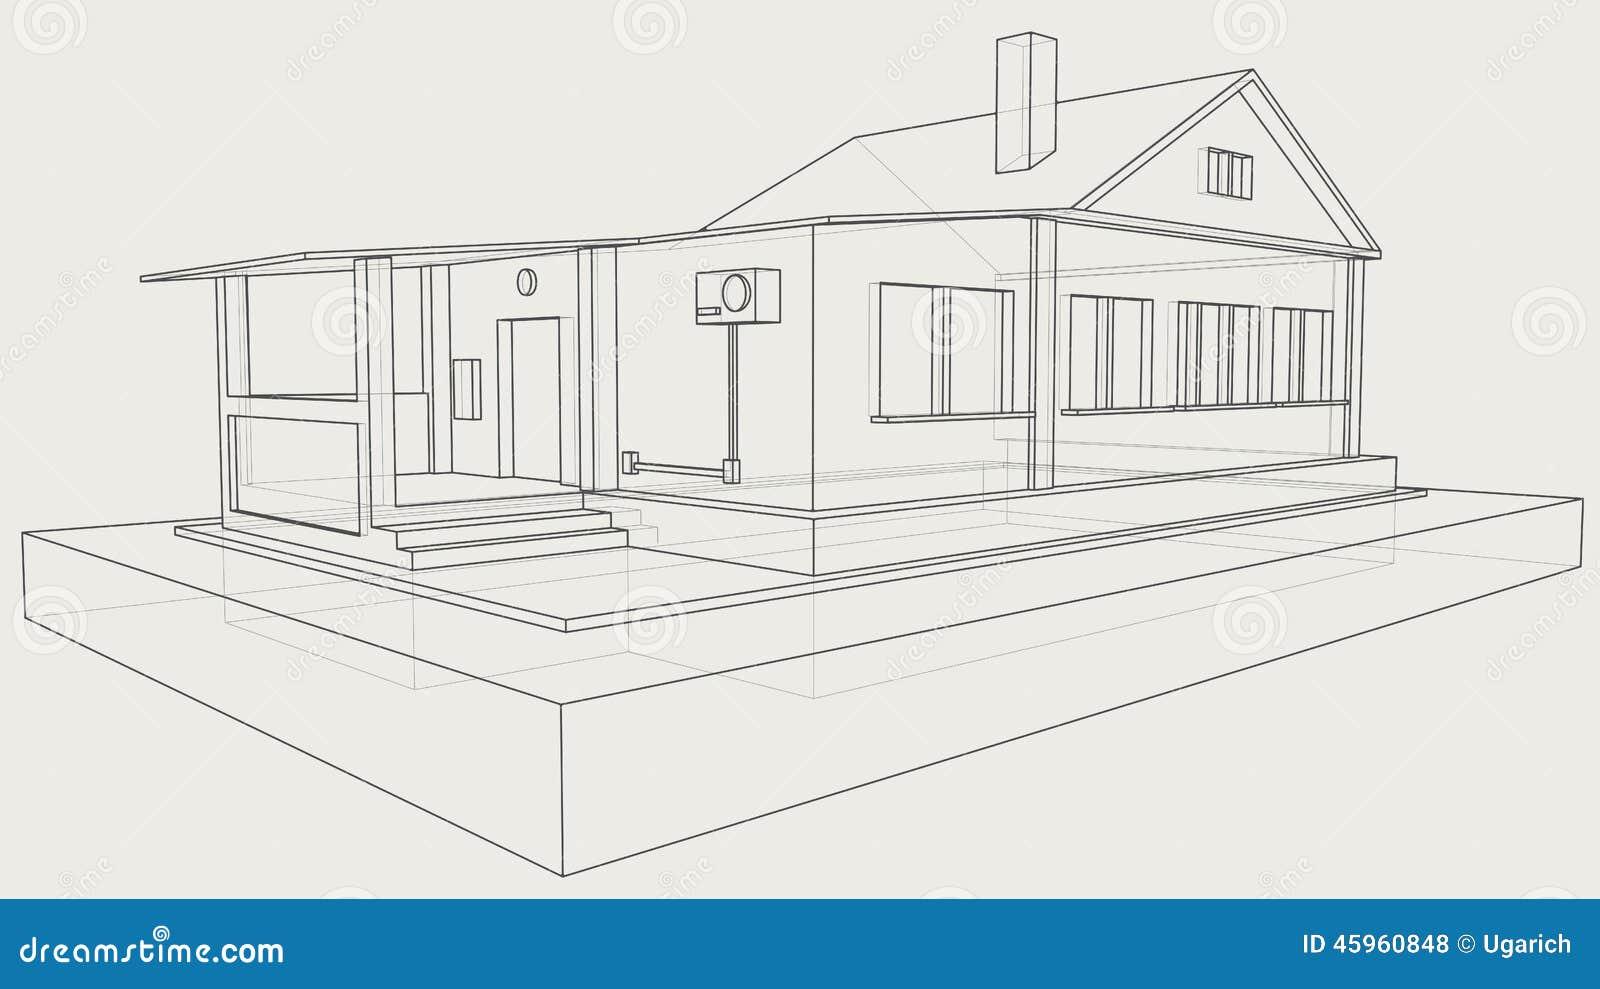 Disegno tecnico della casa grigia illustrazione vettoriale for Disegno della casa di architettura